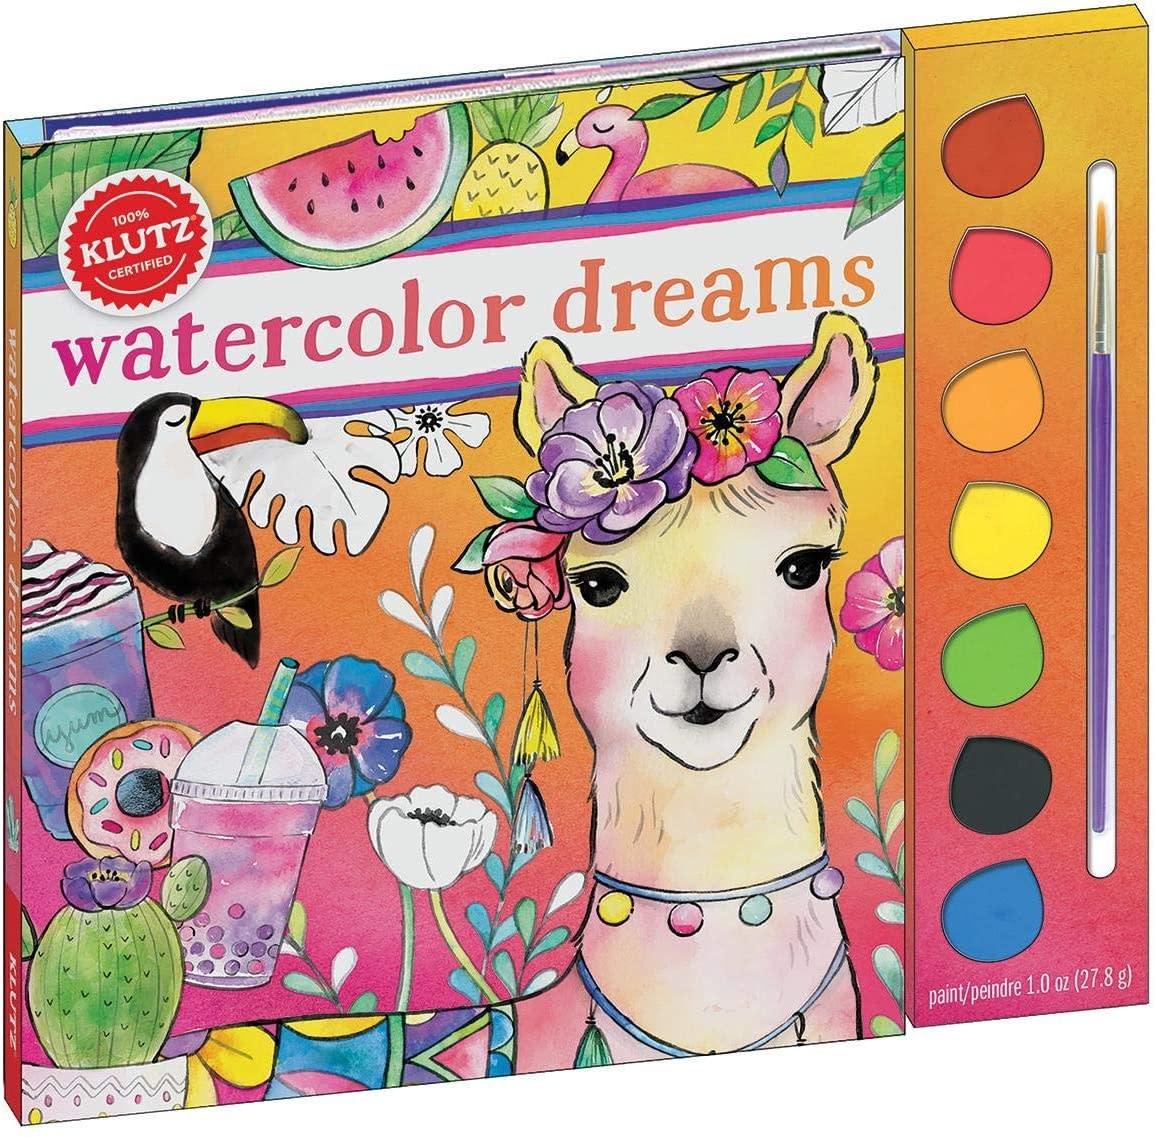 Watercolor Dreams by Klutz-1